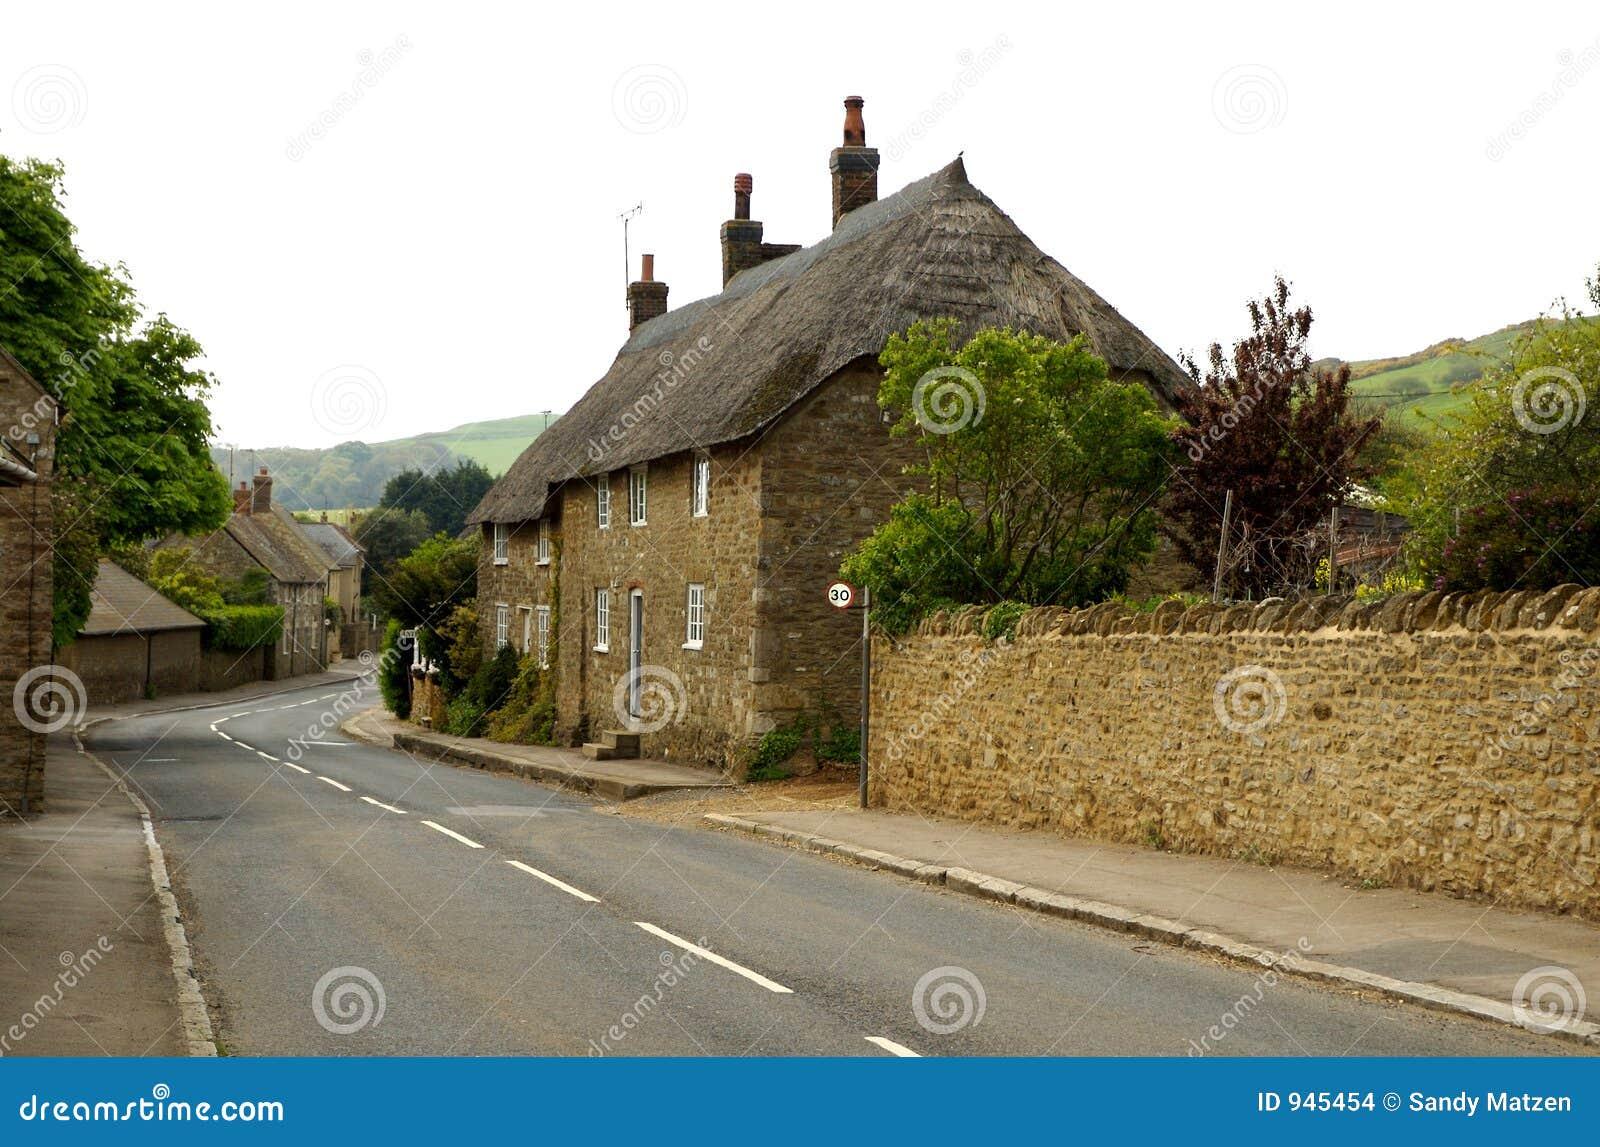 Engels dak met stro bedekt Plattelandshuisje